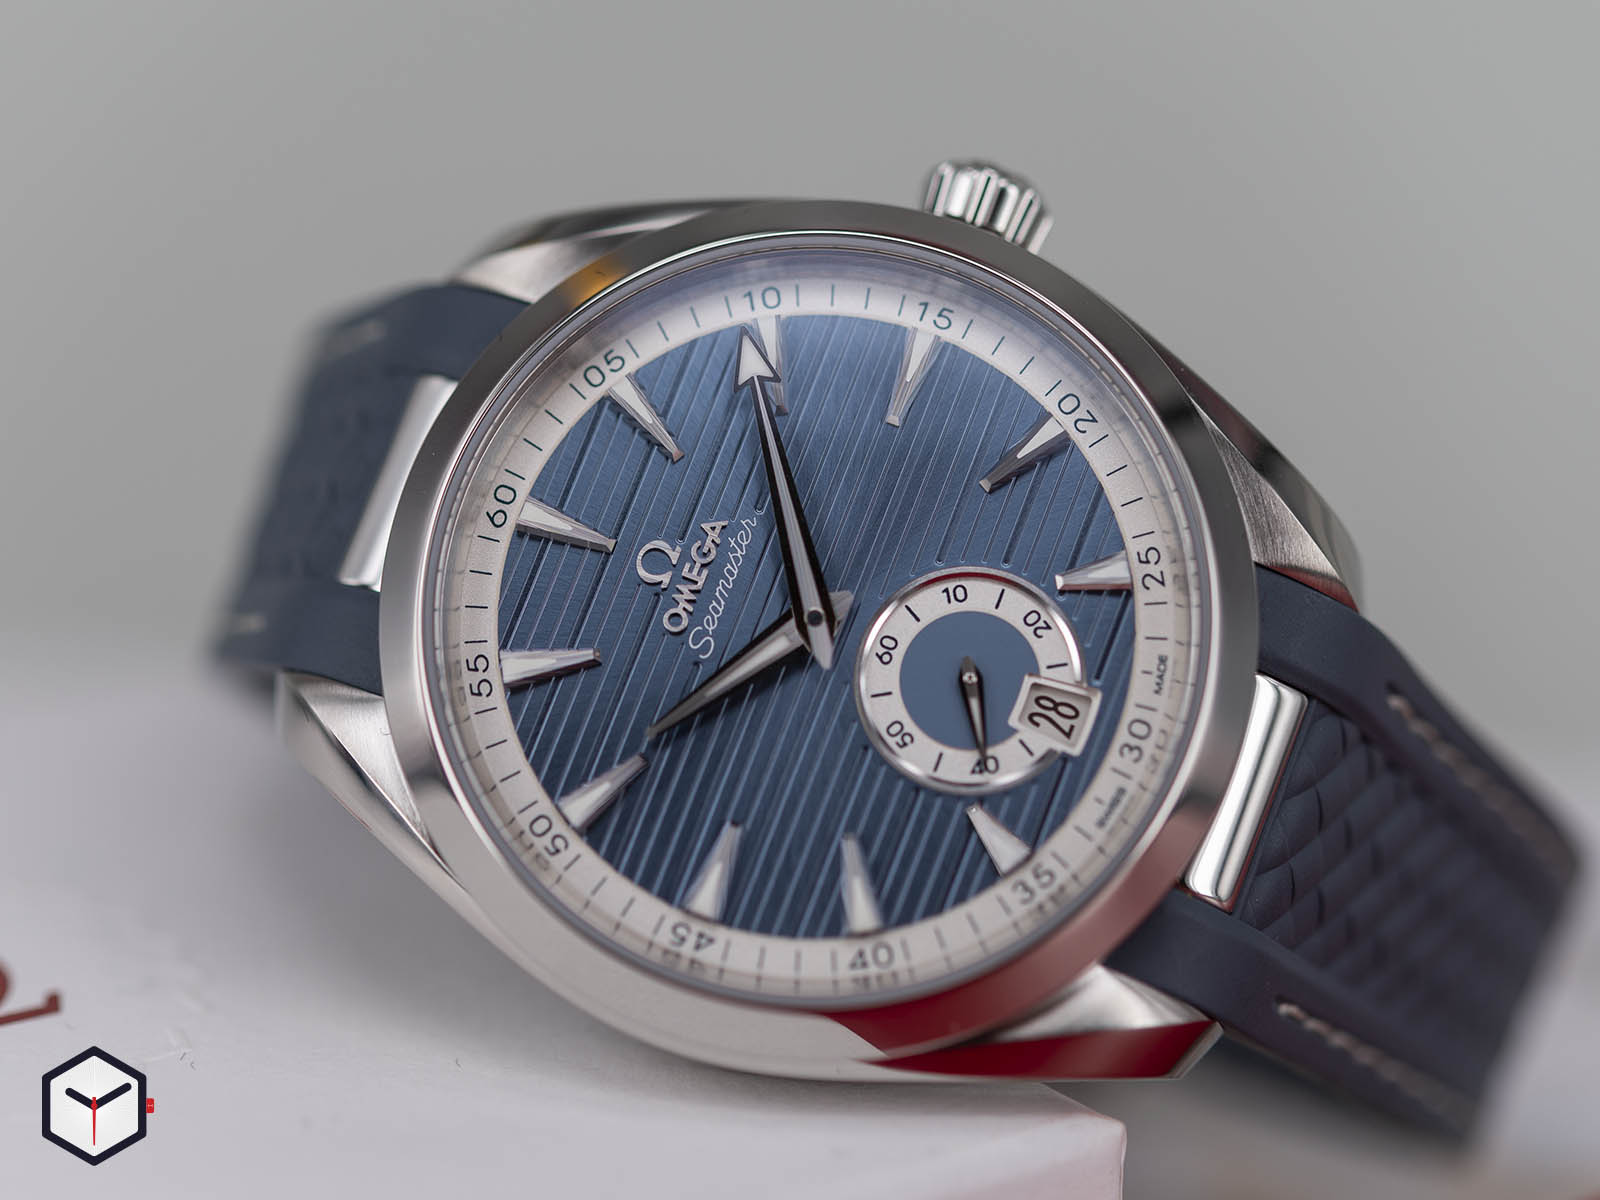 omega-aqua-terra-150m-co-axial-master-chronometer-small-seconds-41mm-2.jpg